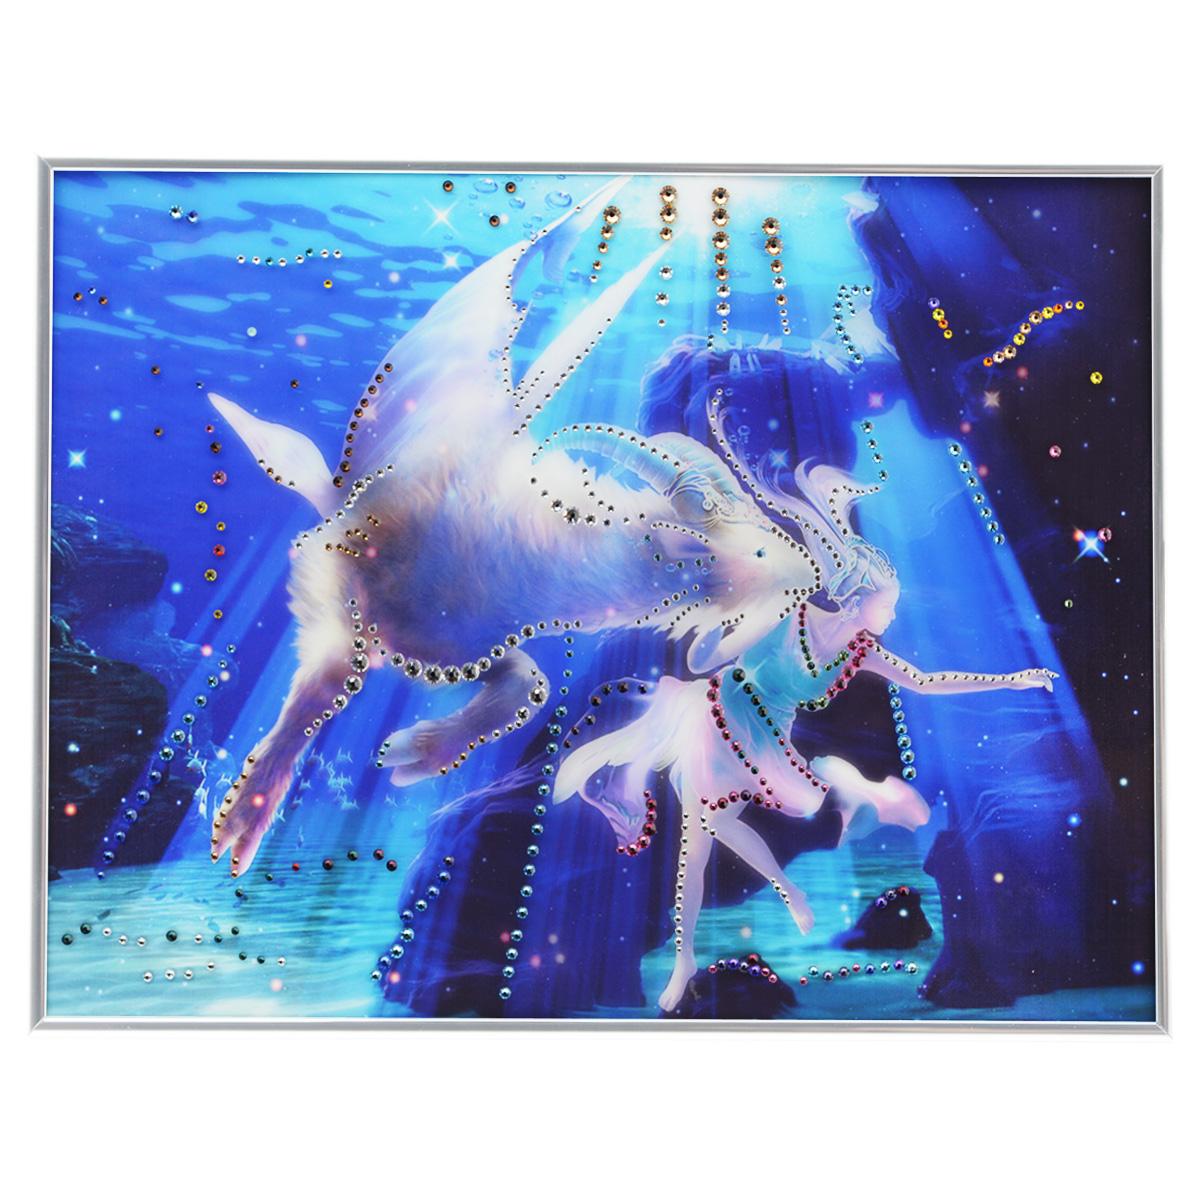 Картина с кристаллами Swarovski Знак зодиака. Козерог Кагая, 40 см х 30 см1143Изящная картина в металлической раме, инкрустирована кристаллами Swarovski, которые отличаются четкой и ровной огранкой, ярким блеском и чистотой цвета. Красочное изображение знака зодиака - козерог Кагая, расположенное под стеклом, прекрасно дополняет блеск кристаллов. С обратной стороны имеется металлическая петелька для размещения картины на стене. Картина с кристаллами Swarovski Знак зодиака. Козерог Кагая элегантно украсит интерьер дома или офиса, а также станет прекрасным подарком, который обязательно понравится получателю. Блеск кристаллов в интерьере, что может быть сказочнее и удивительнее. Картина упакована в подарочную картонную коробку синего цвета и комплектуется сертификатом соответствия Swarovski.